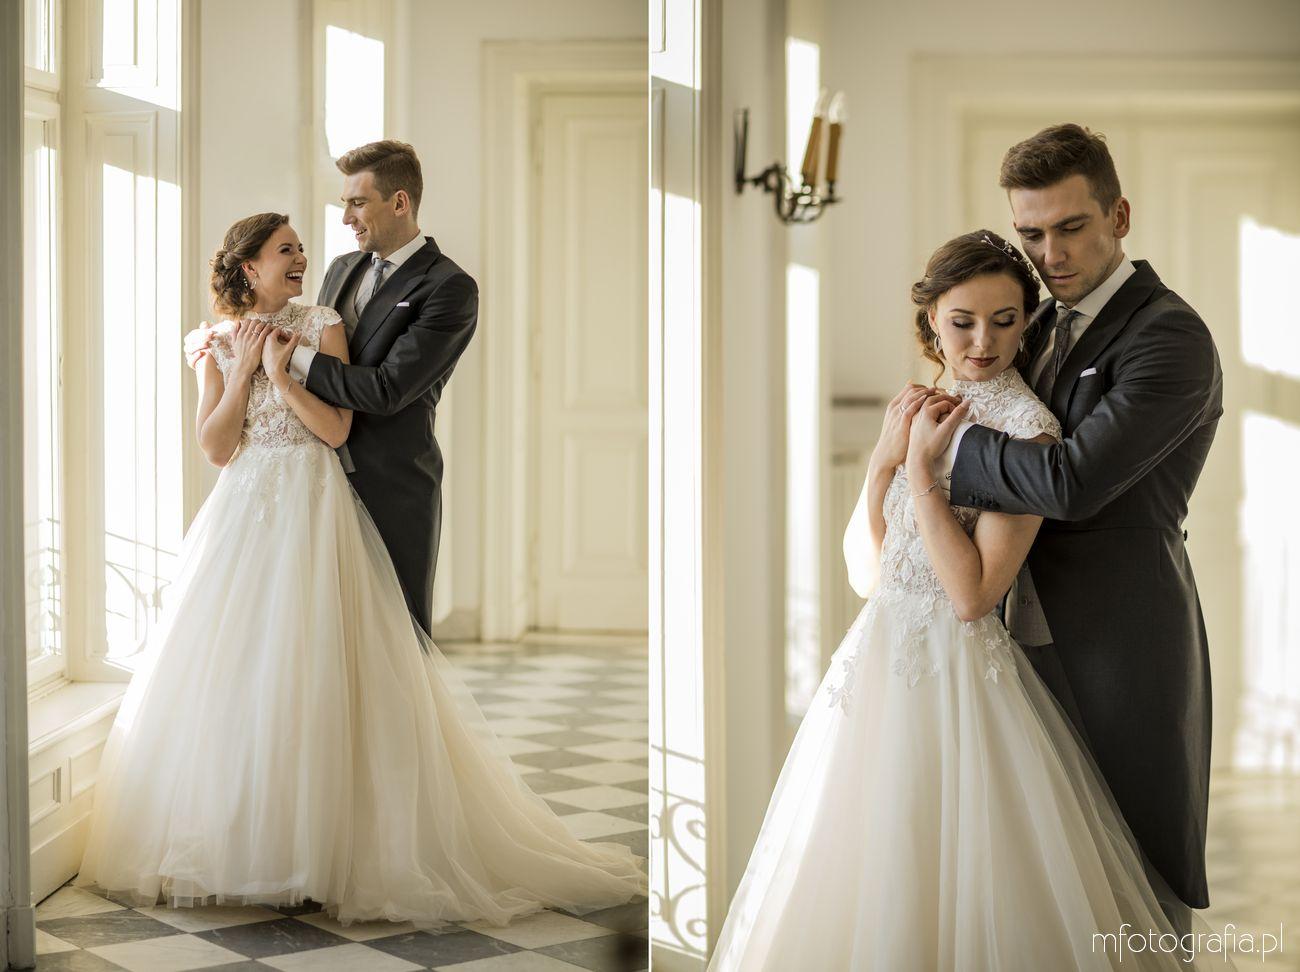 elegancki ślub zimą w komnatach pałacowych